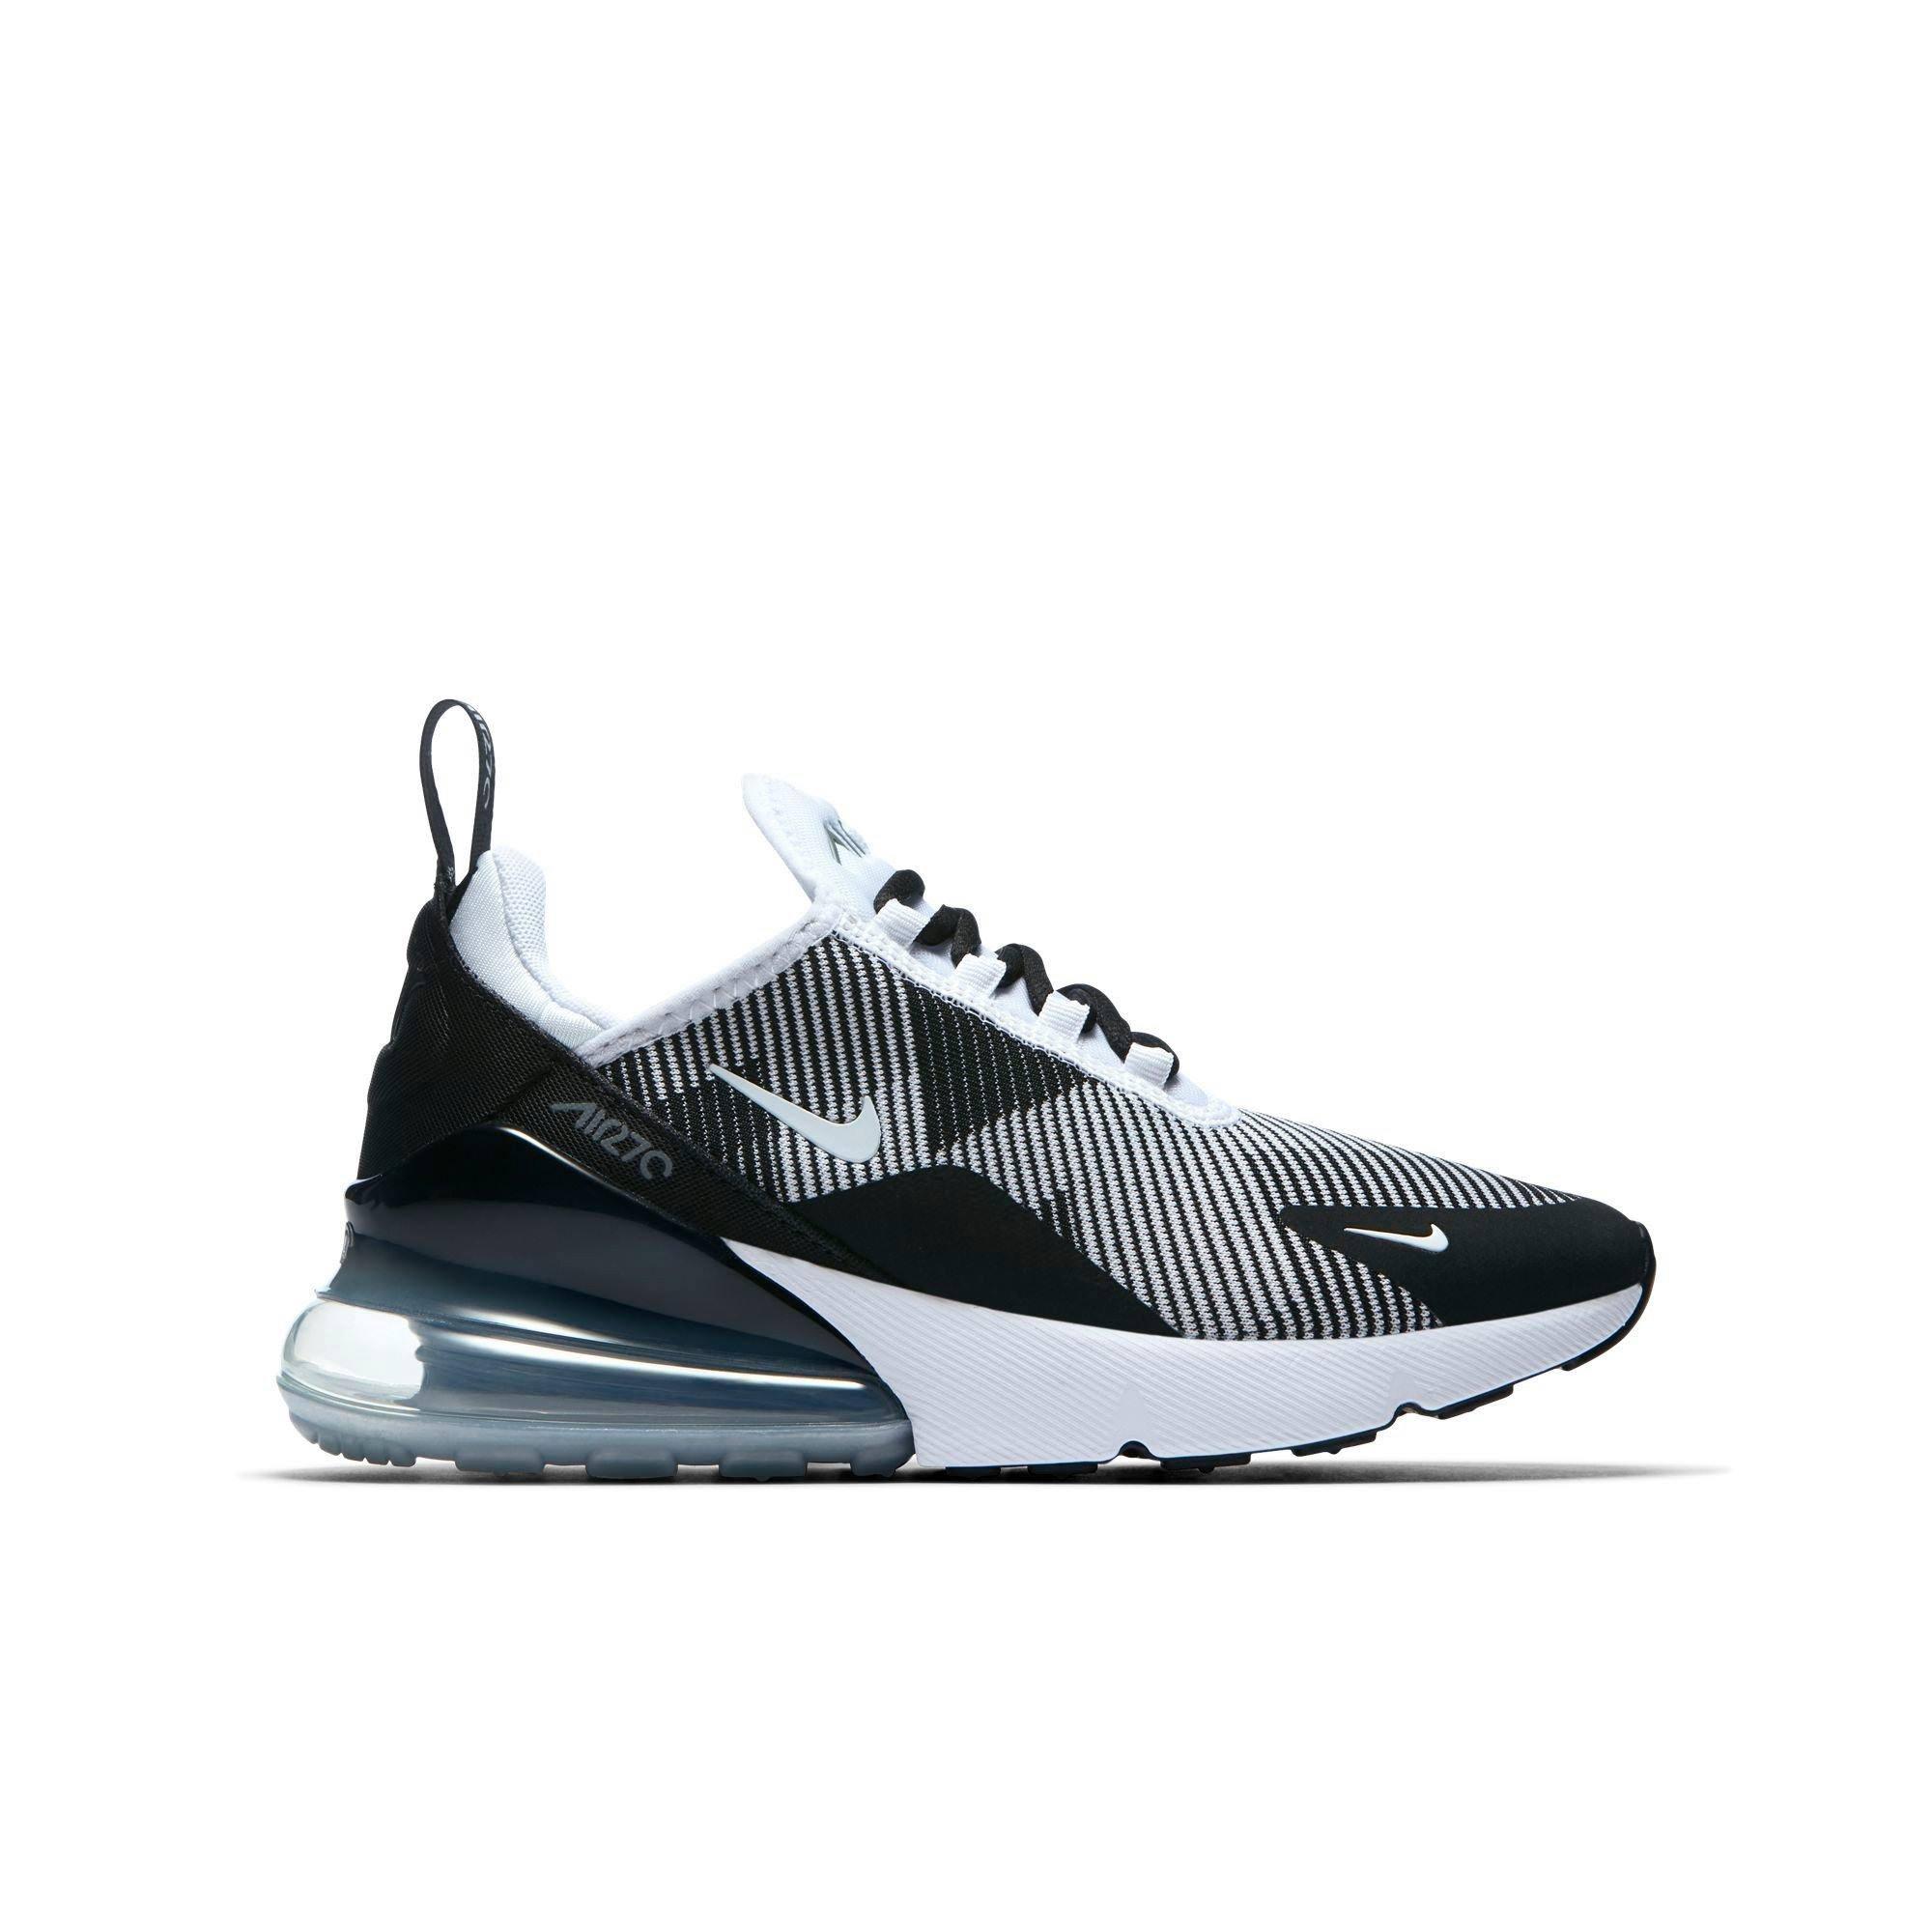 cool 5 Grey Air Max Jungen Größe 3 Ar0301007 Nike Weiß Schwarz 270 Schulschuhe B1F6w6qx